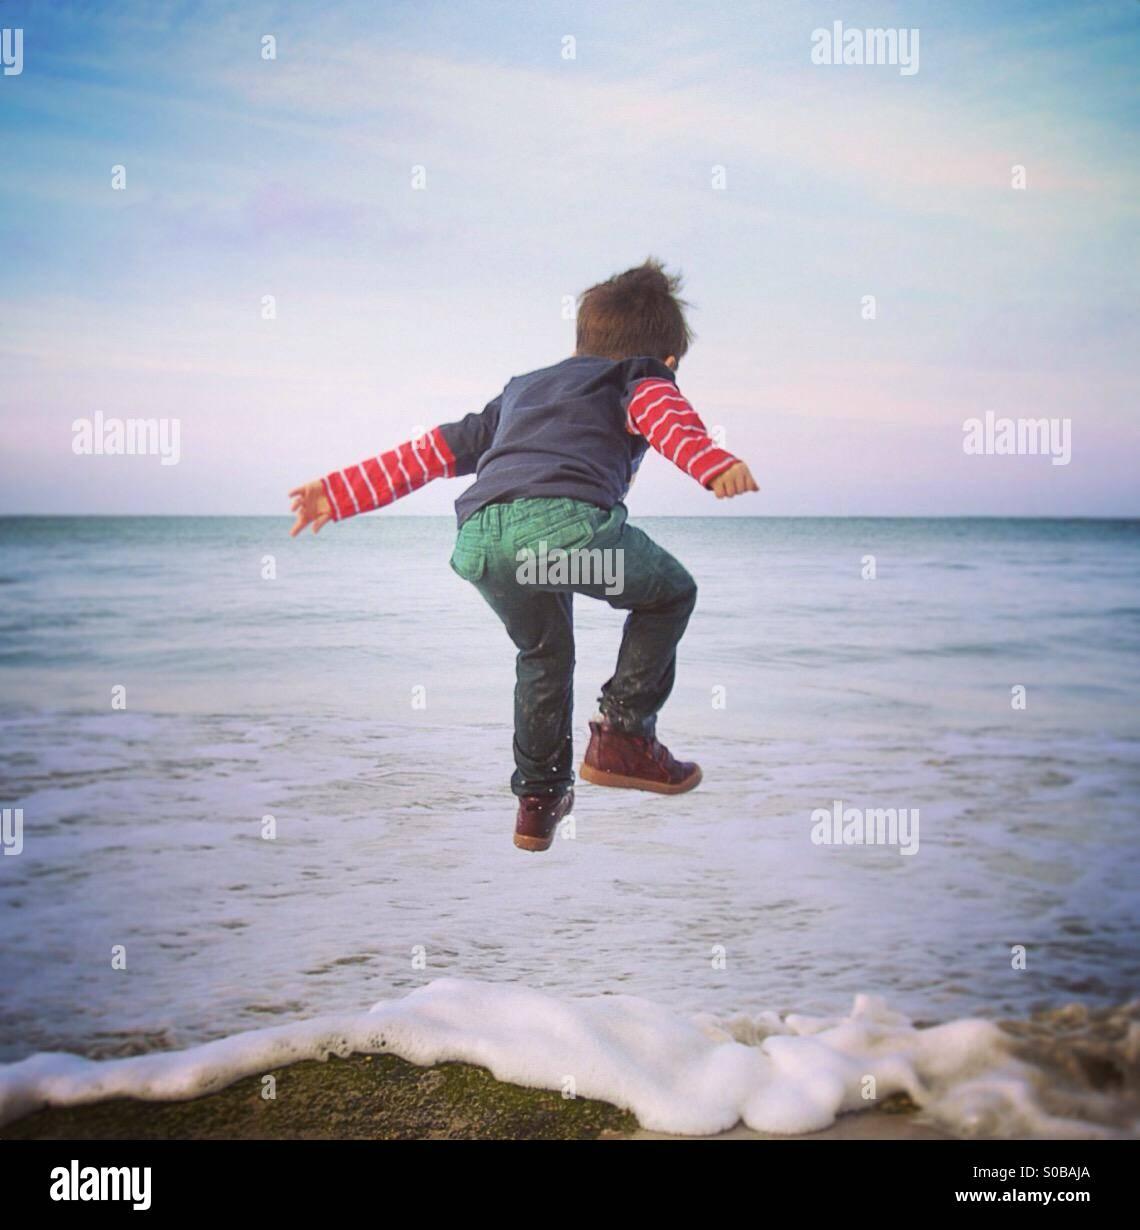 Salto de alegría Imagen De Stock